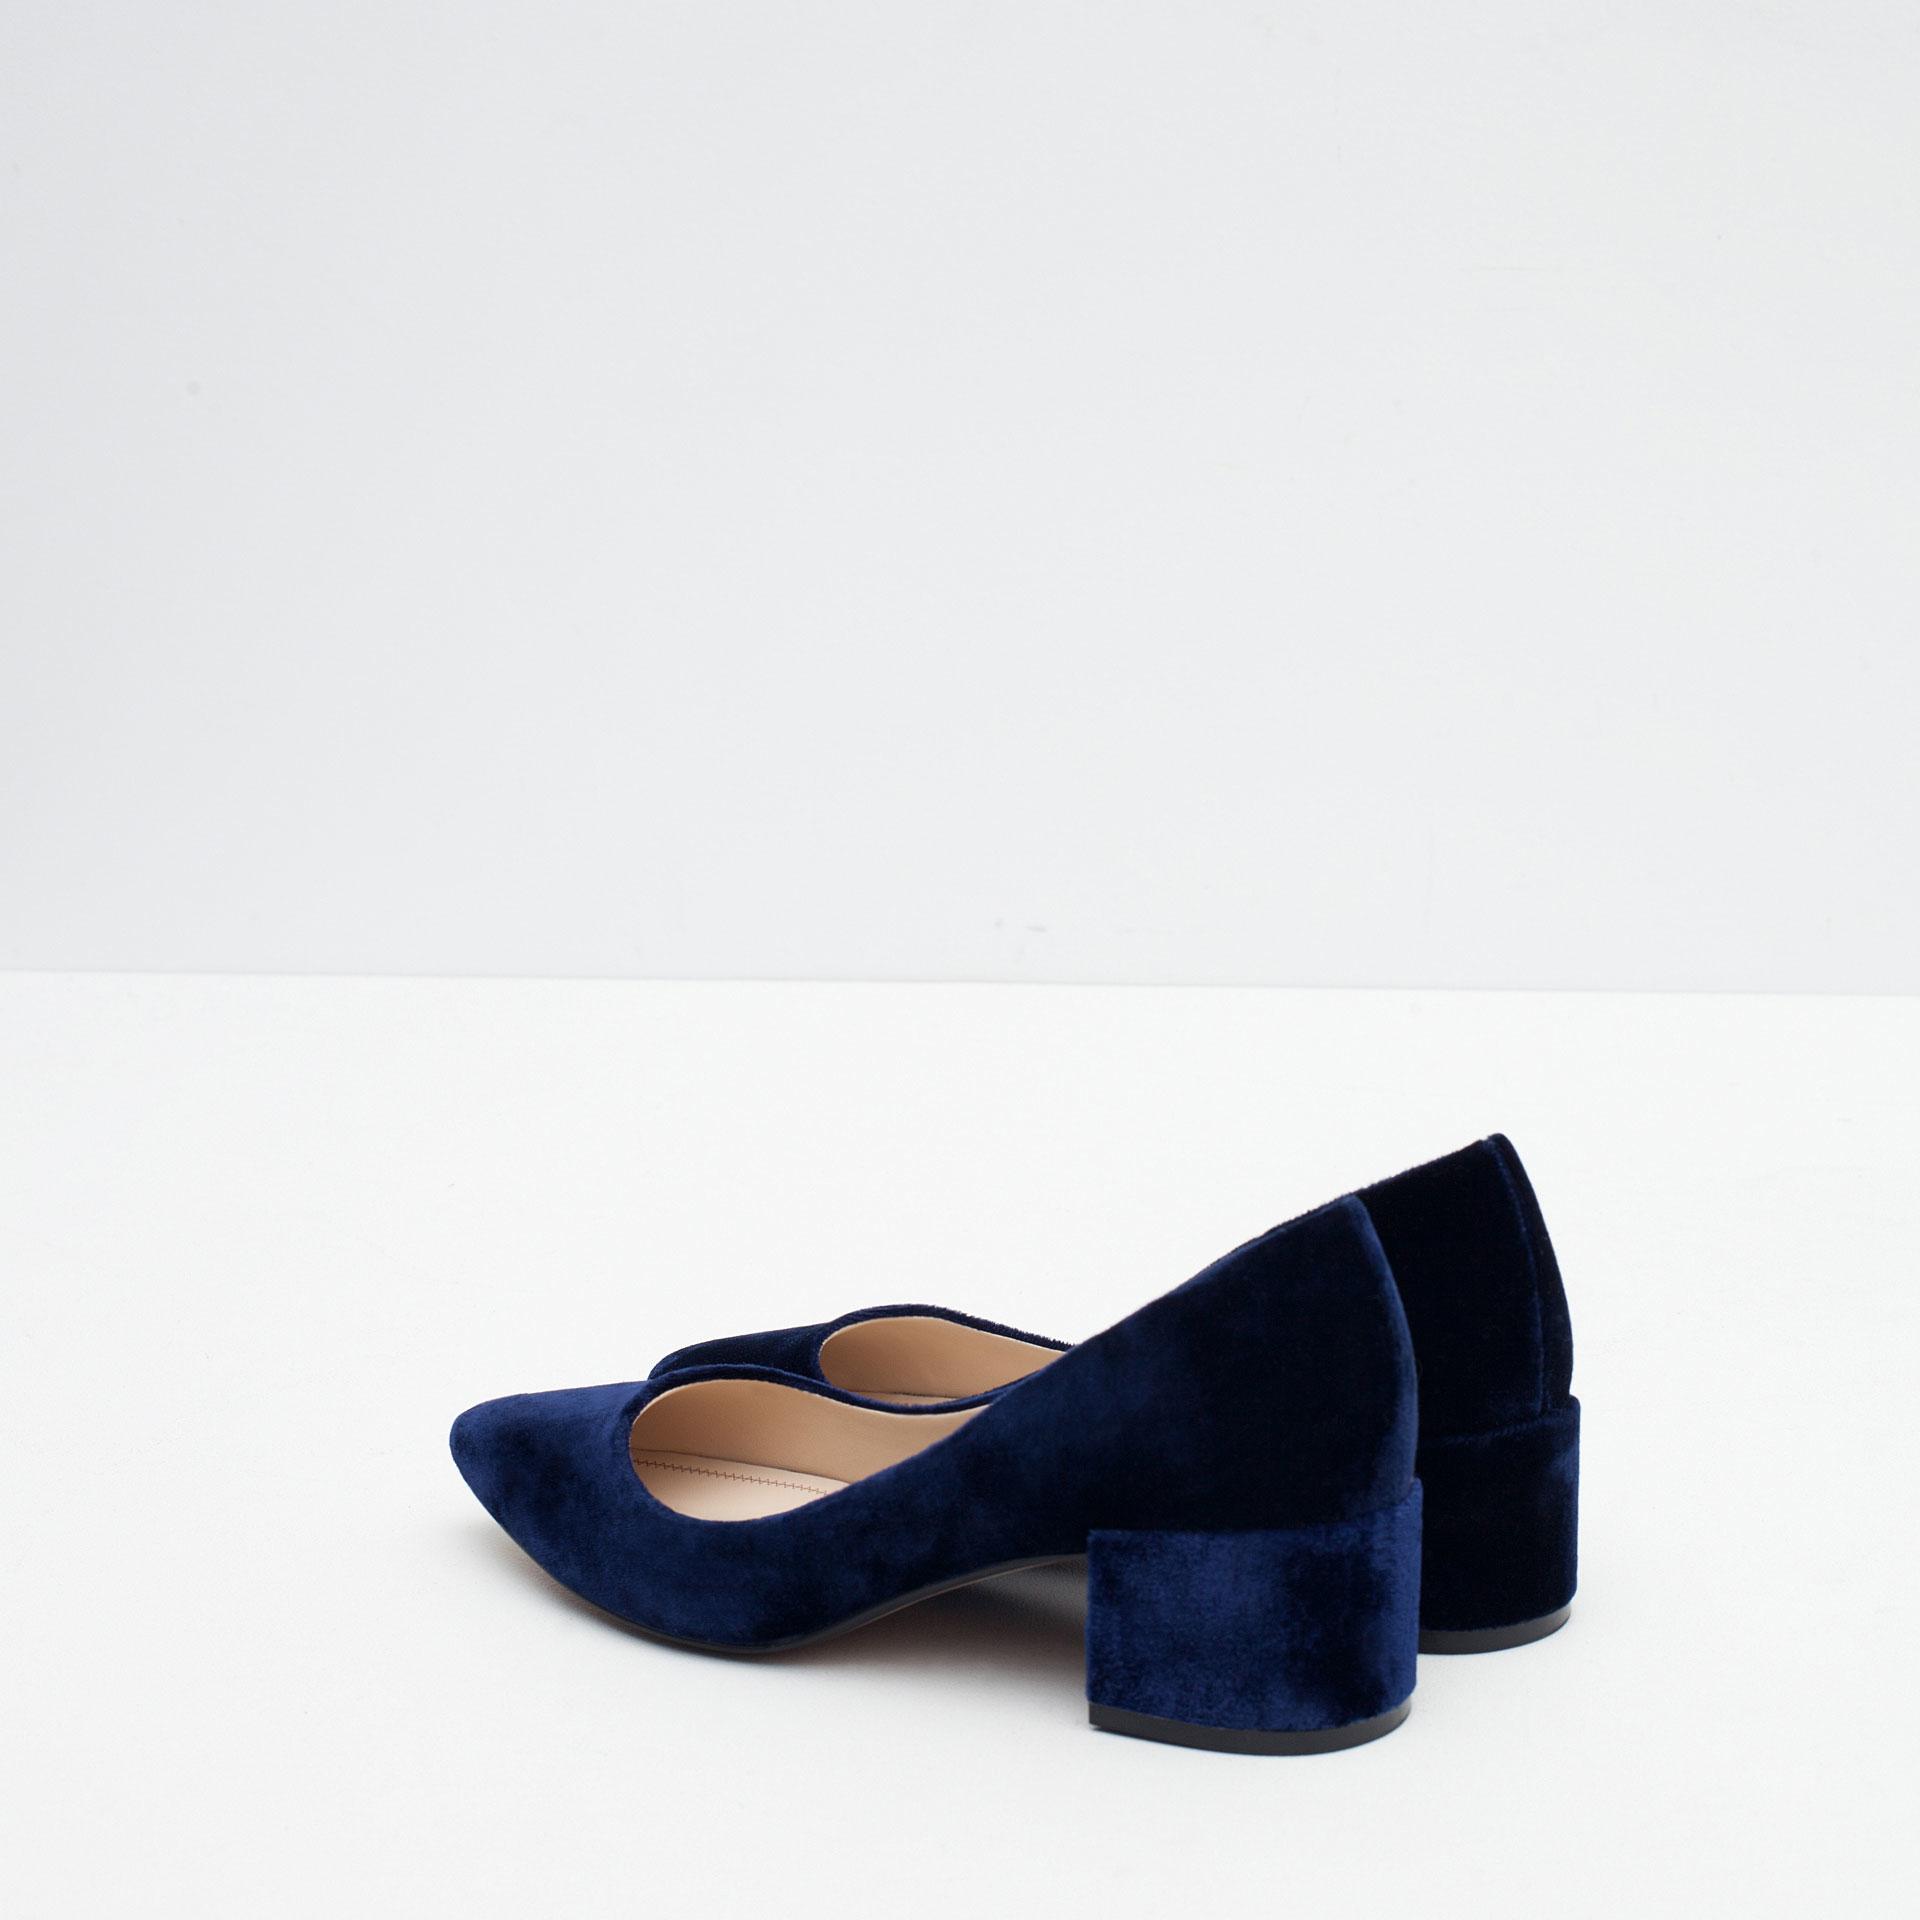 Blue Block Heel Shoes